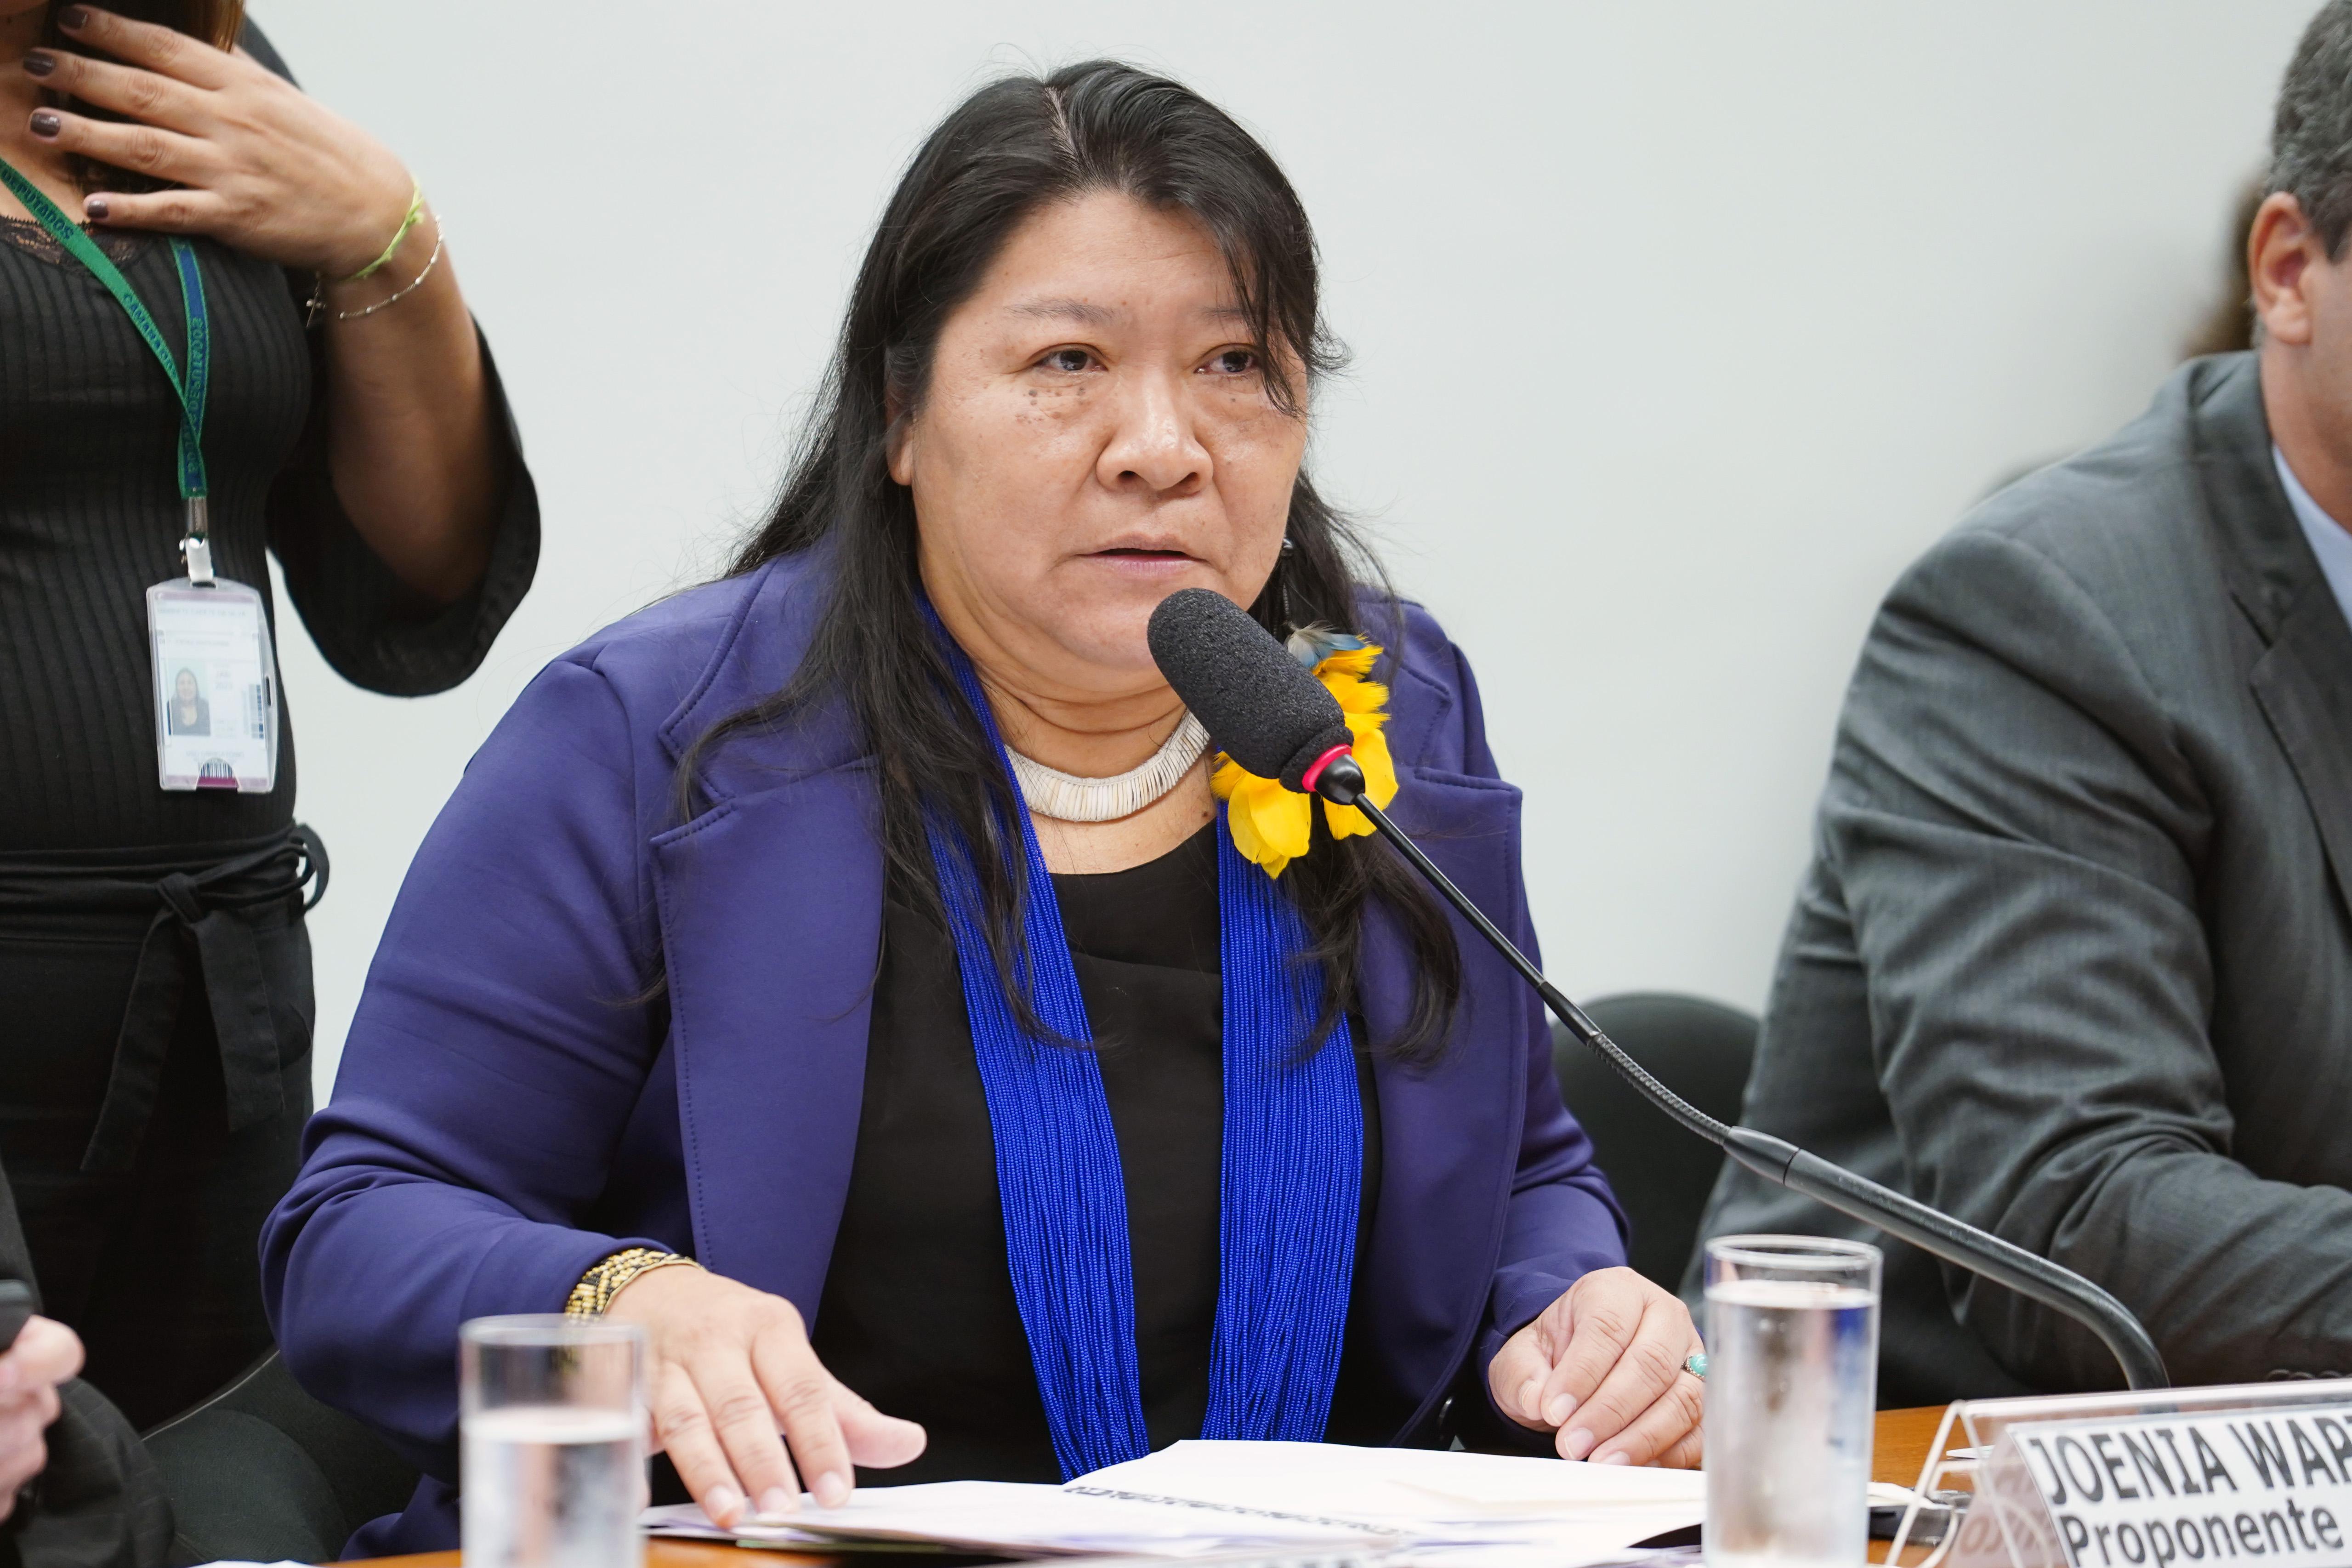 Seminário: Aplicação do Direito de Consulta e Consentimento Prévio, Livre e Informado aos Povos Indígenas do Xingu, no caso das obras no Estado do Mato Grosso. Dep. Joenia Wapichana (REDE - RR)